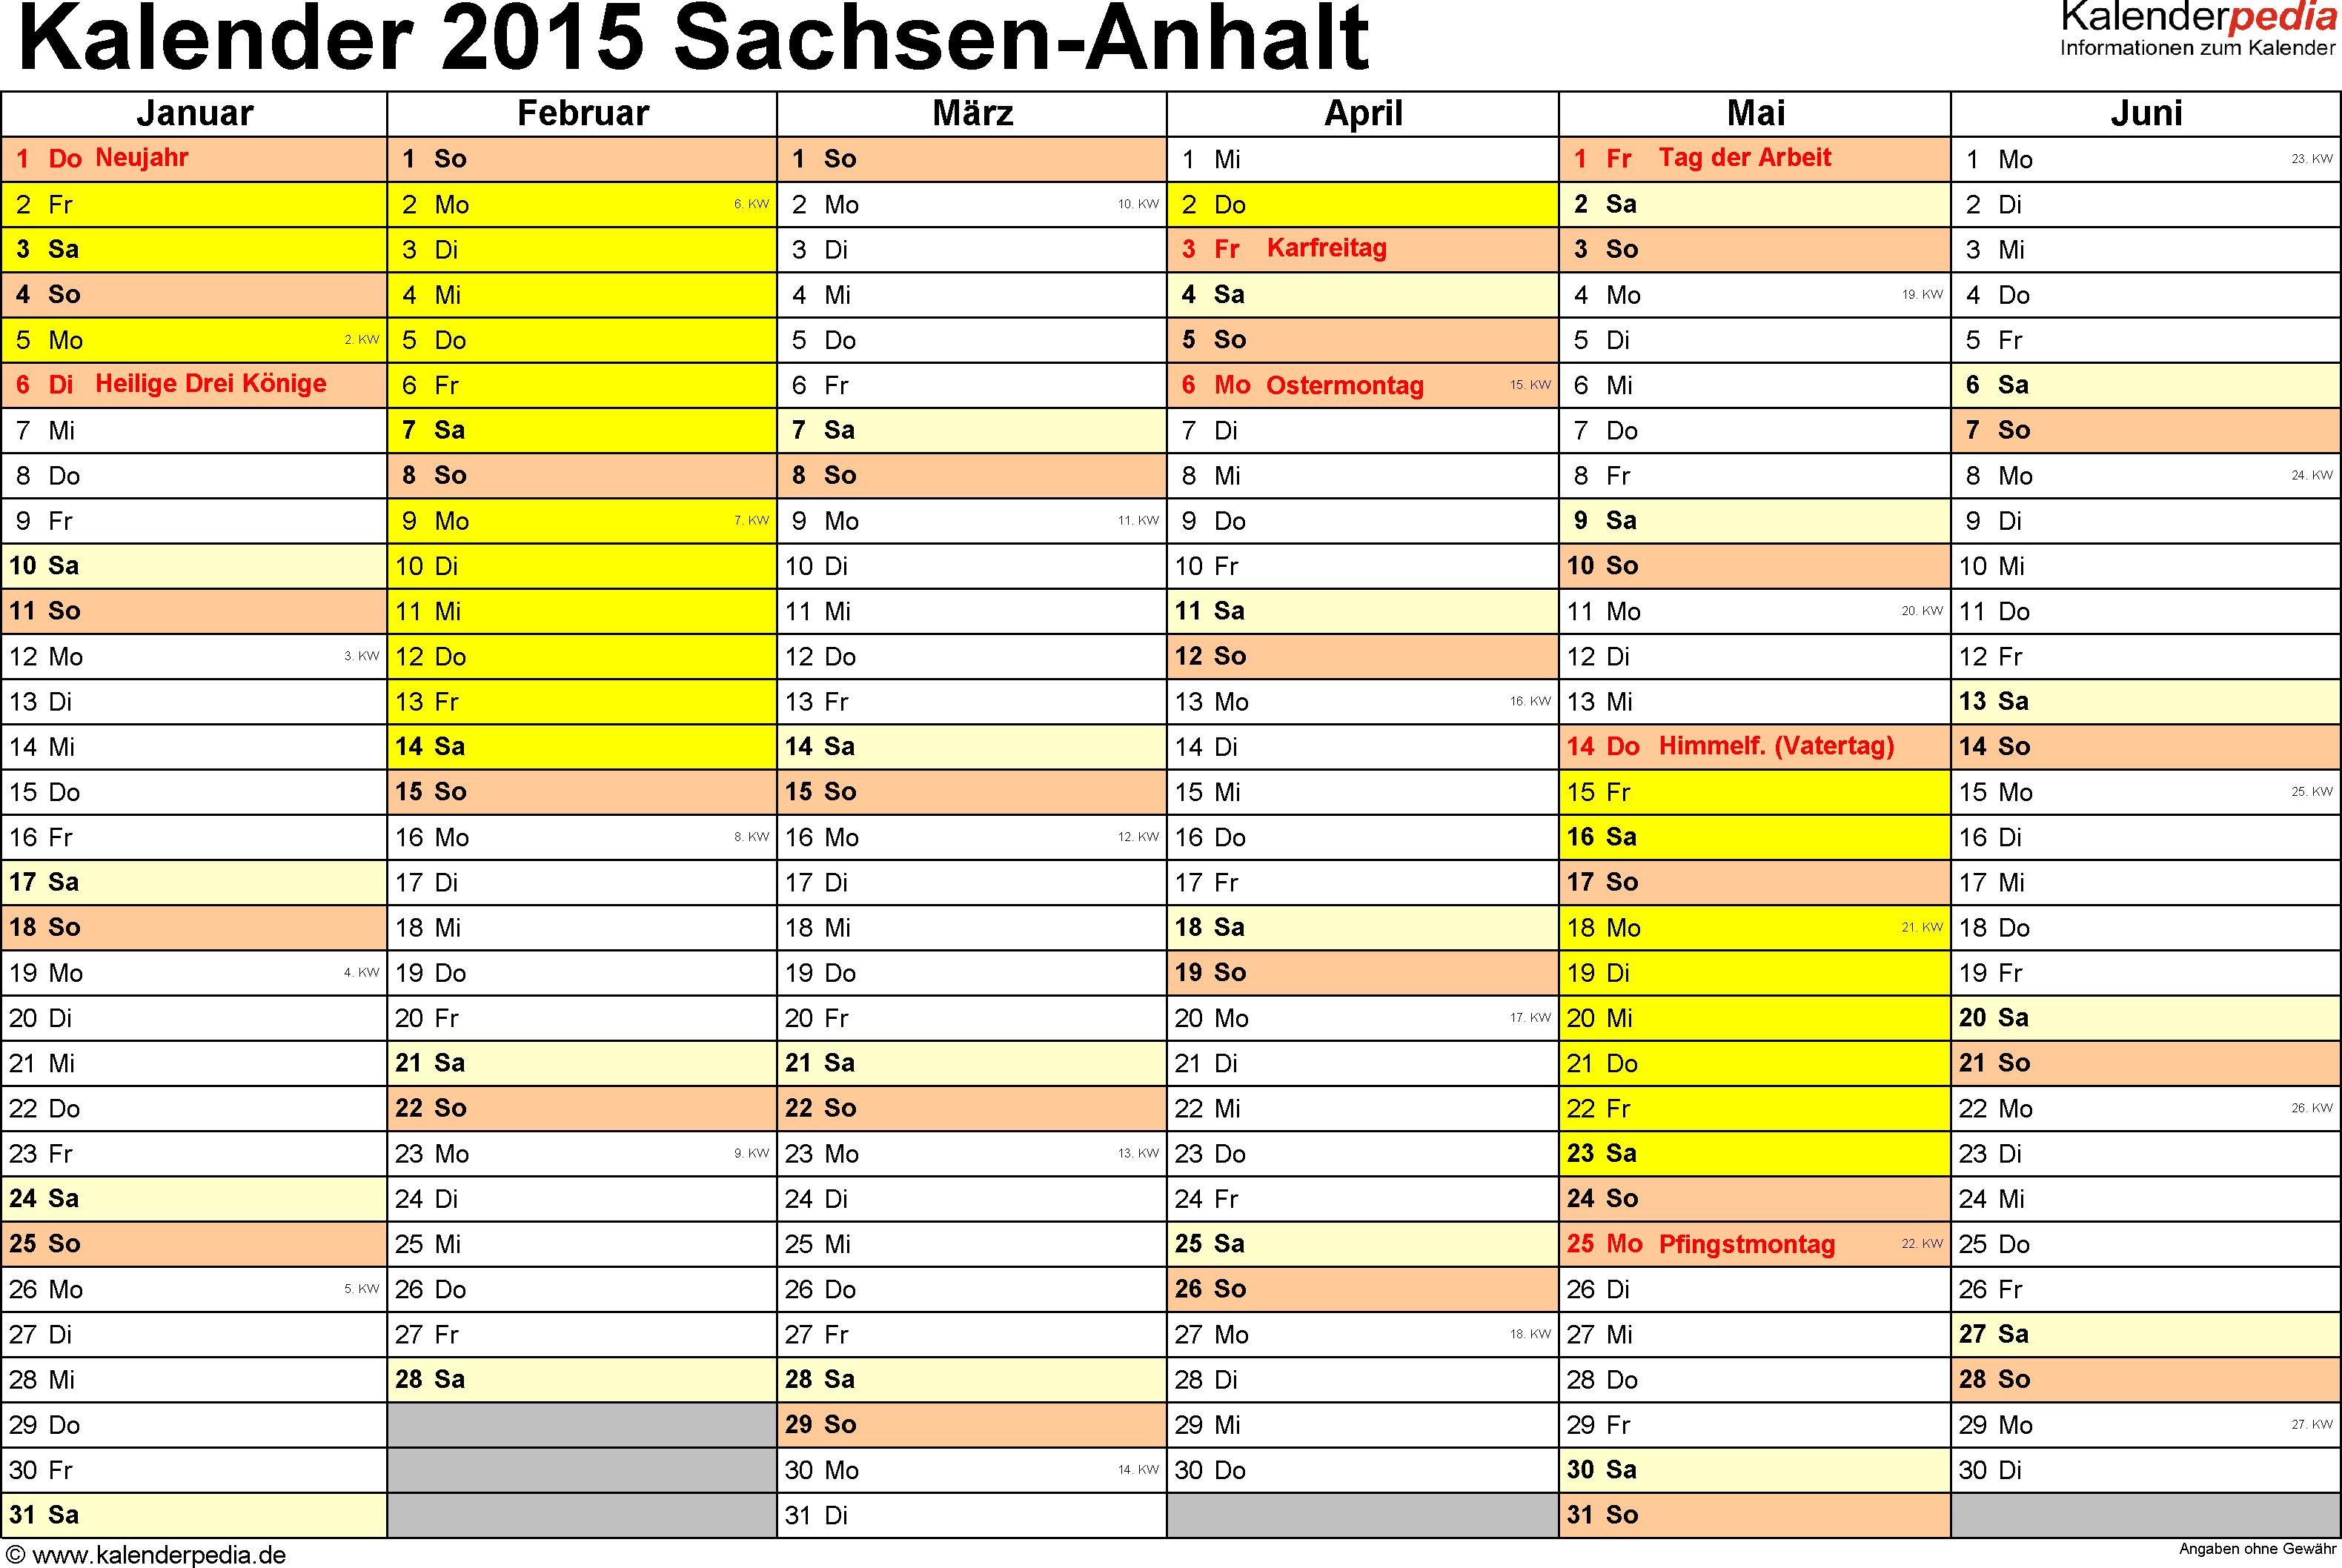 Vorlage 2: Kalender 2015 für Sachsen-Anhalt als Excel-Vorlage (Querformat, 2 Seiten)